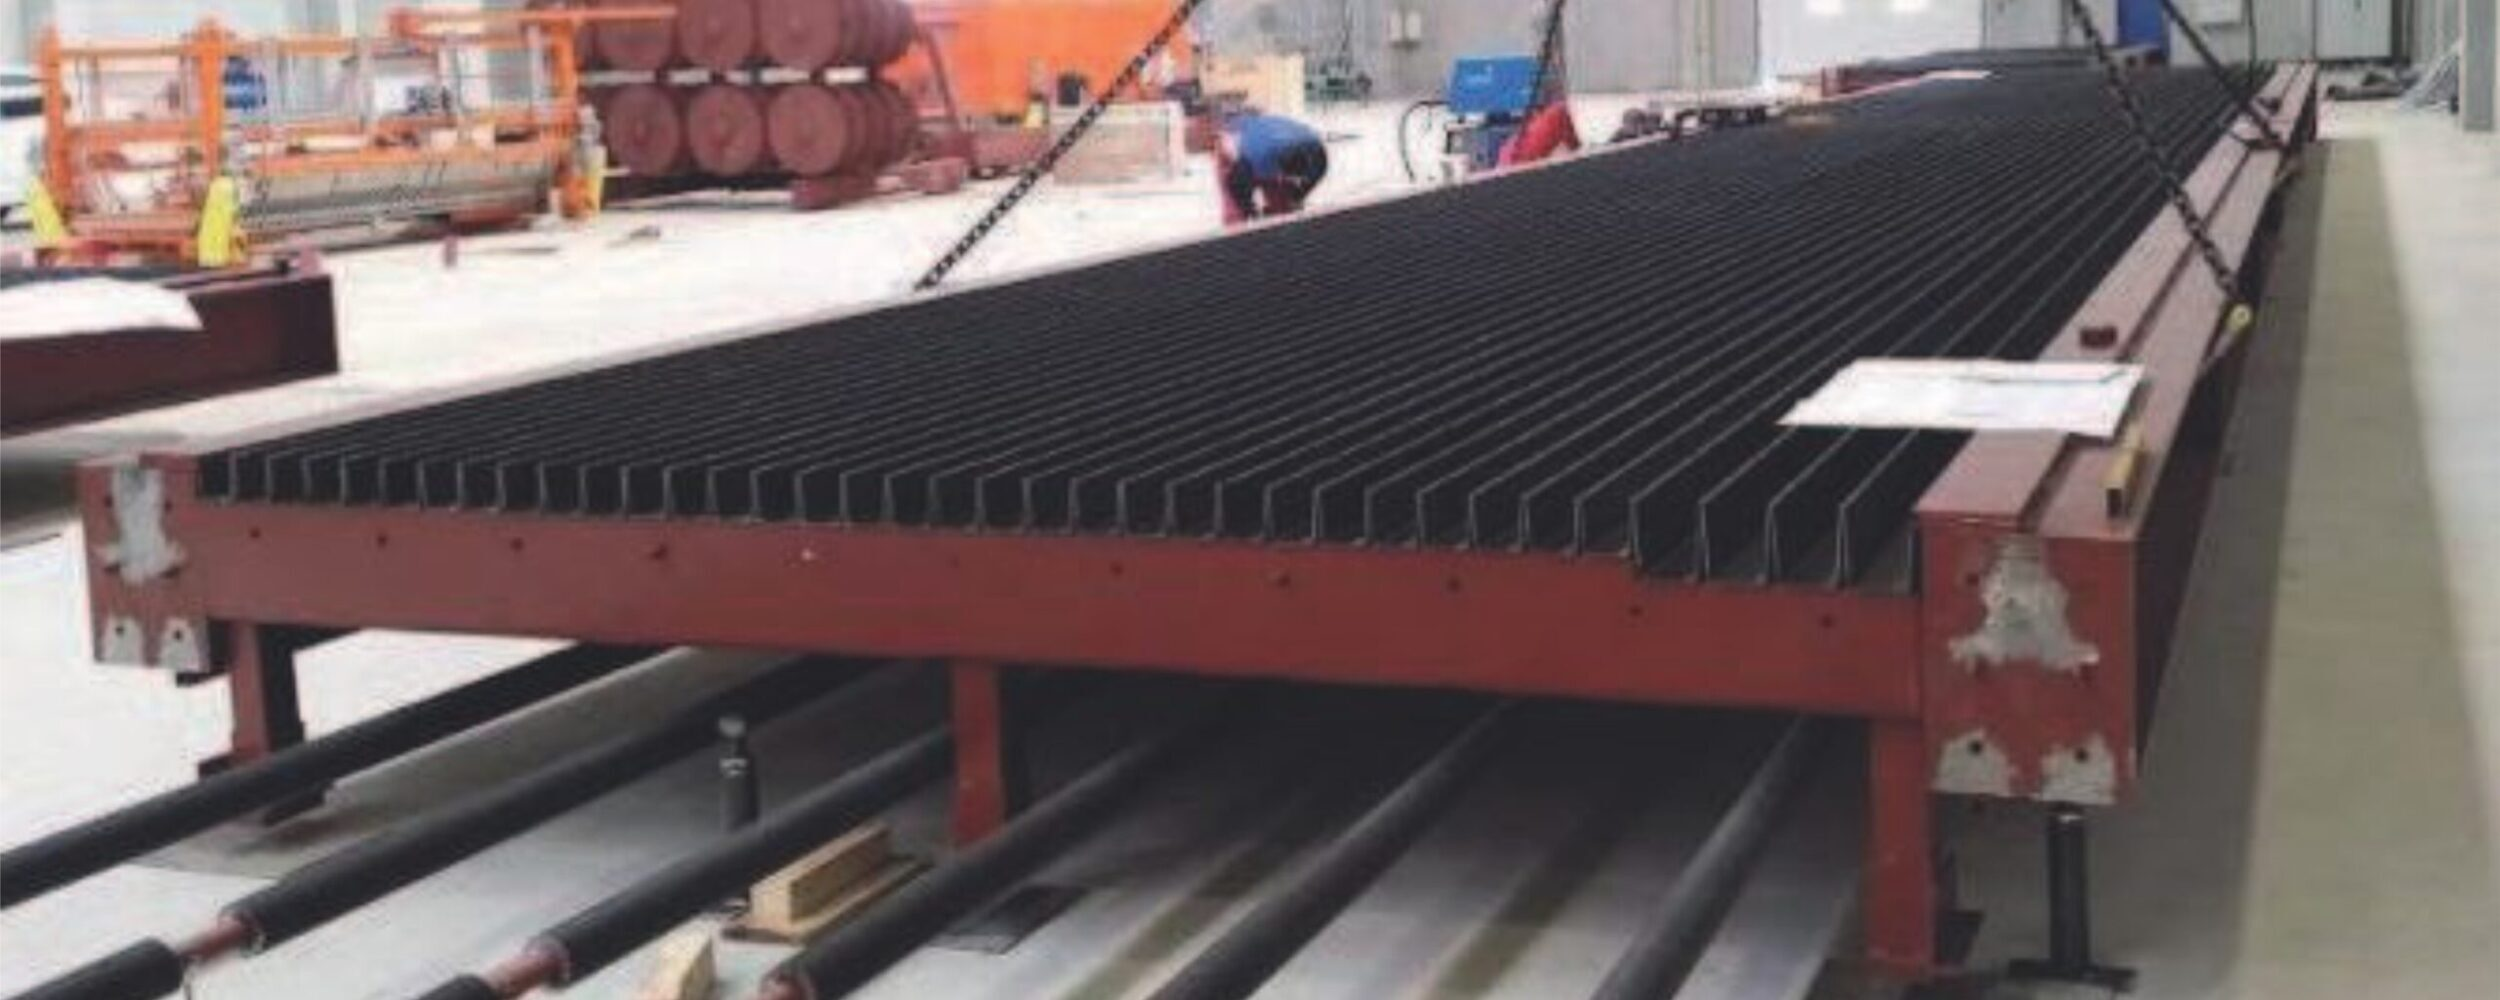 Стенд бетонные преднапряженные столбики для винограда